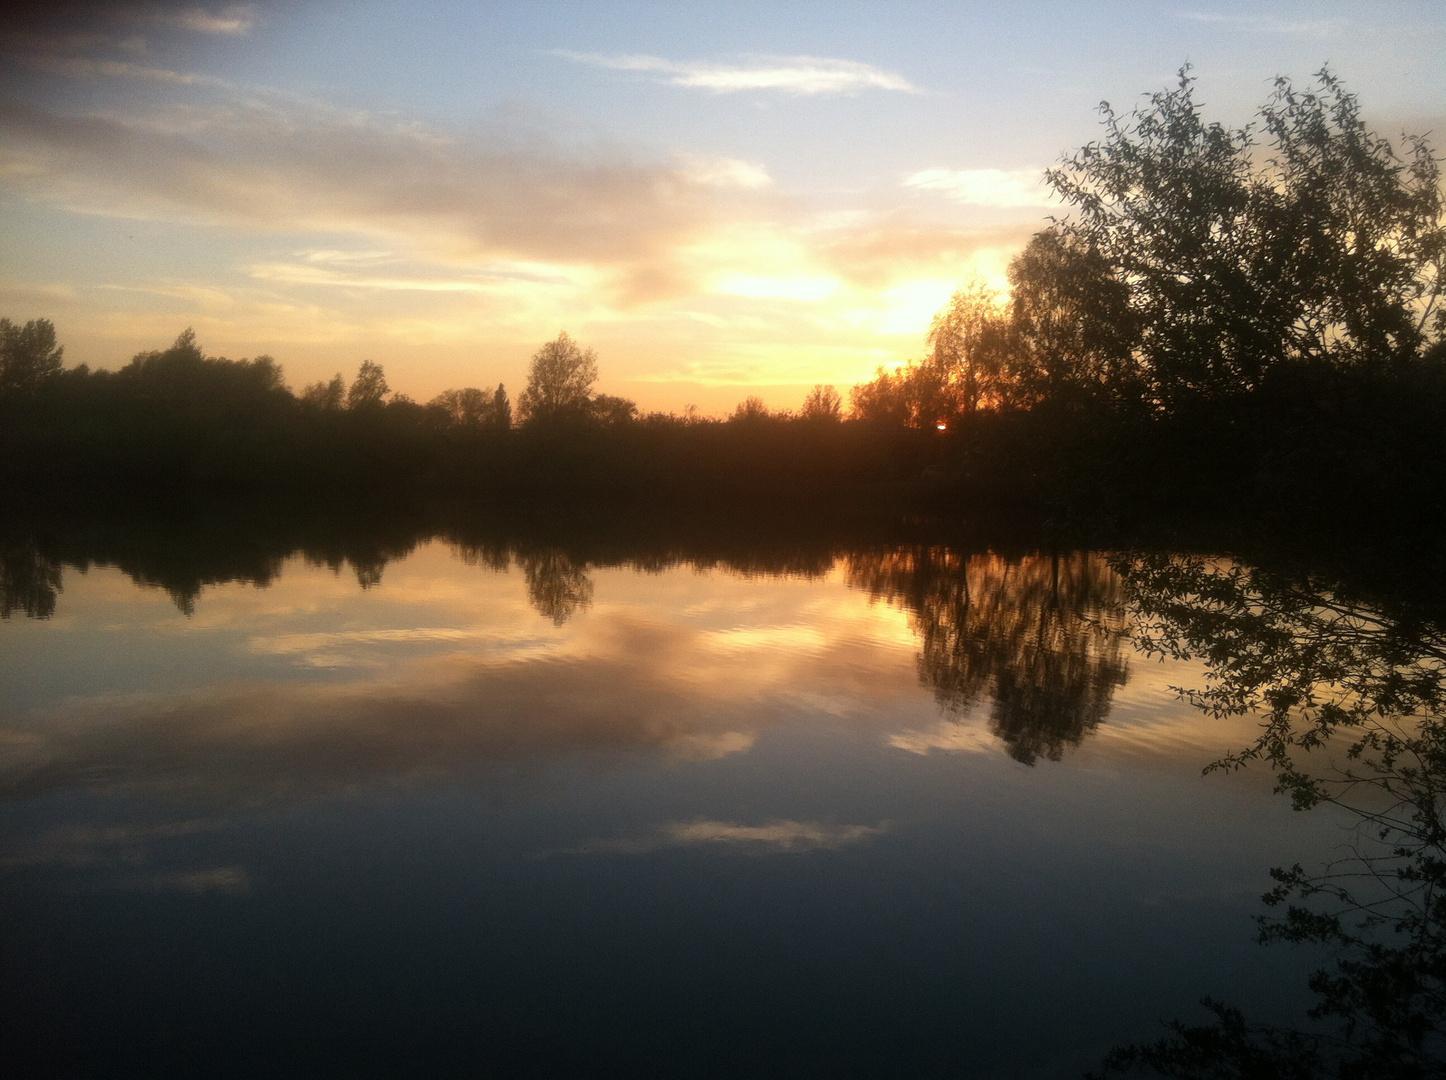 Sonnenuntergang in Rethen